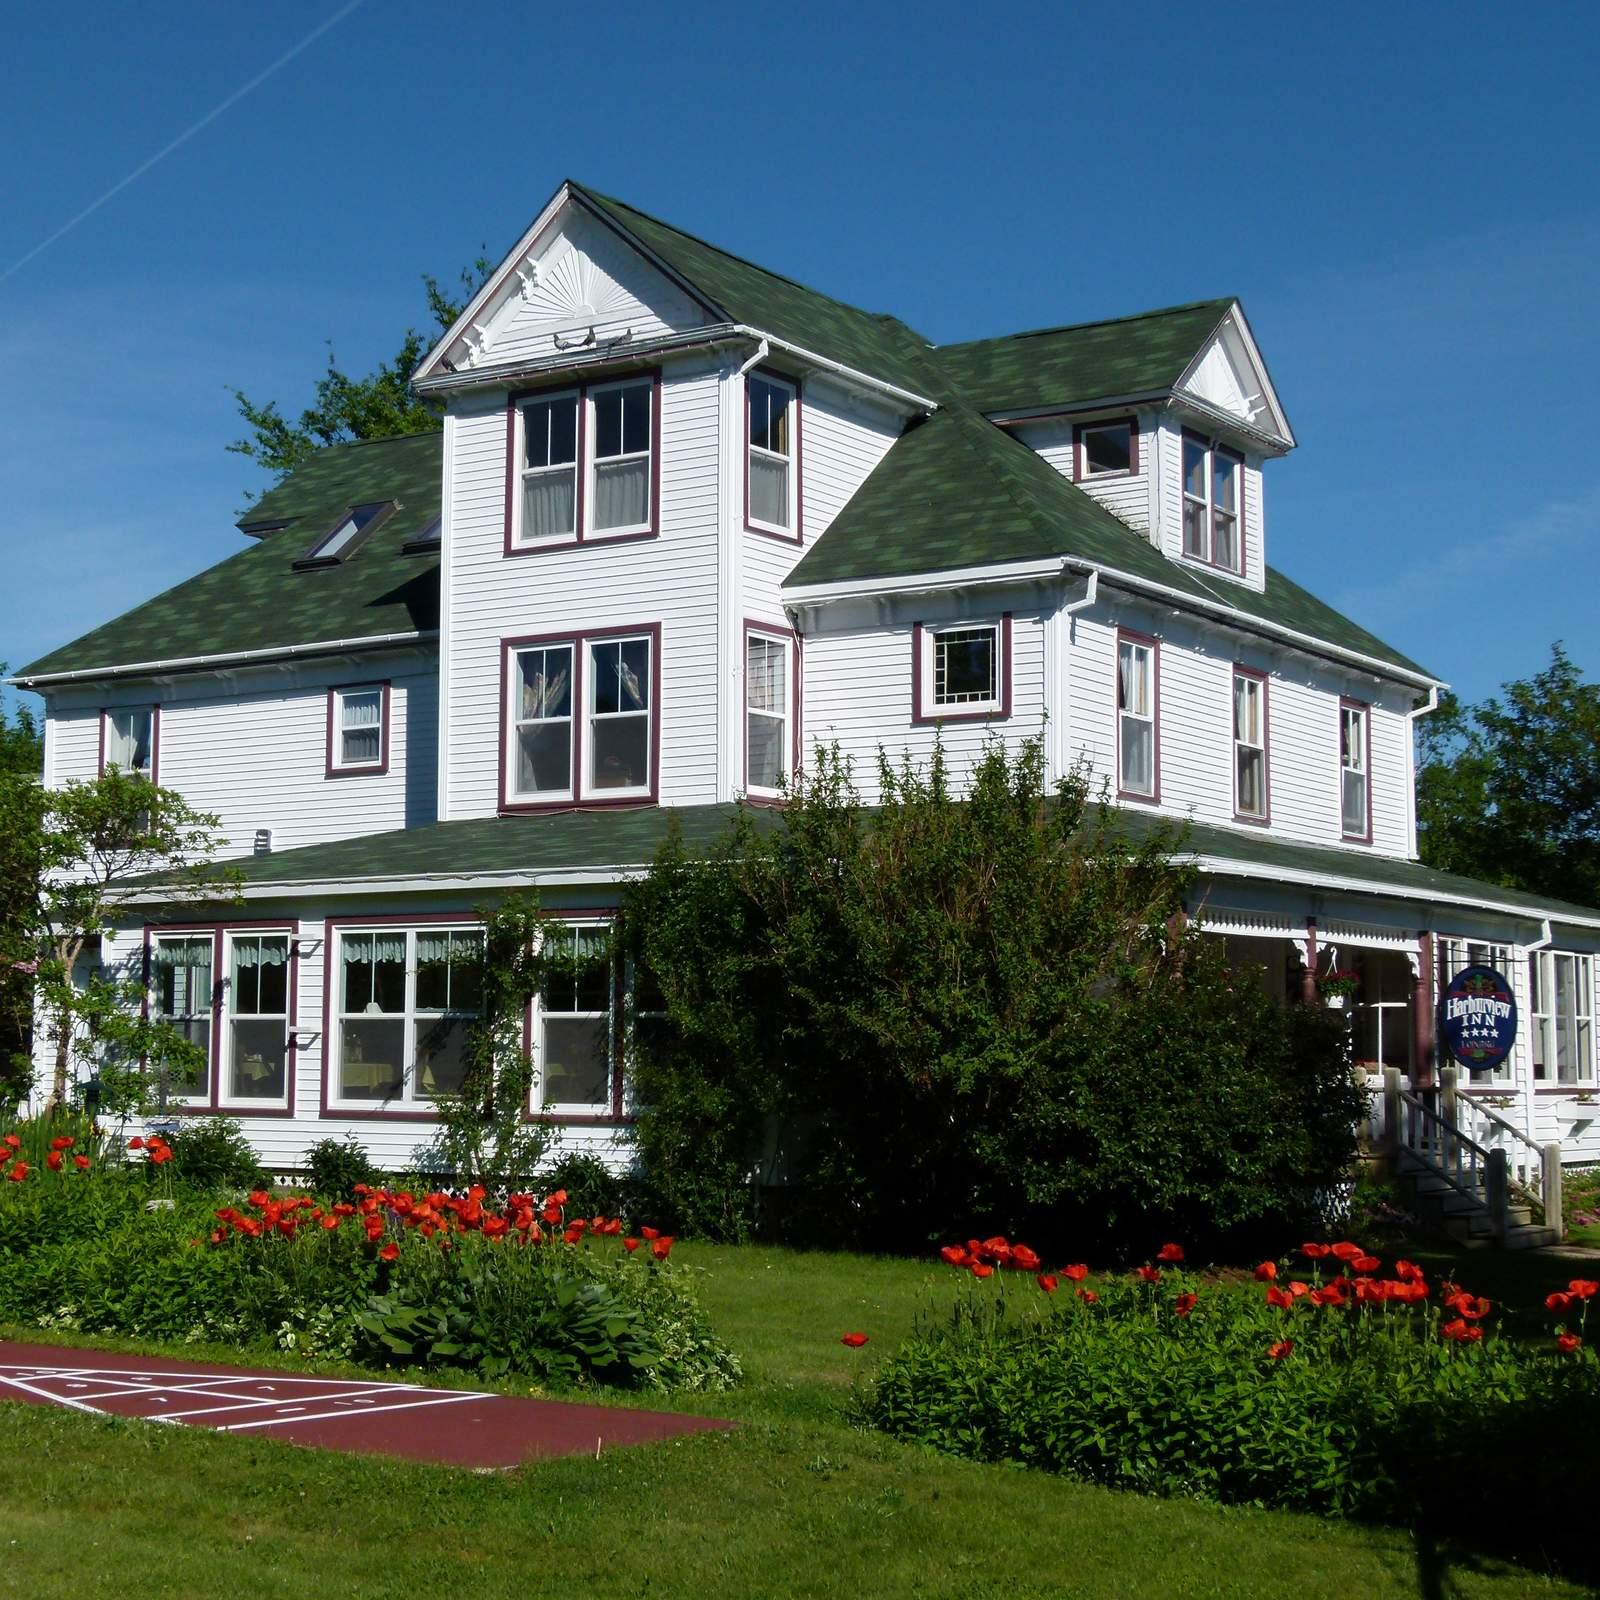 The Harbourview Inn